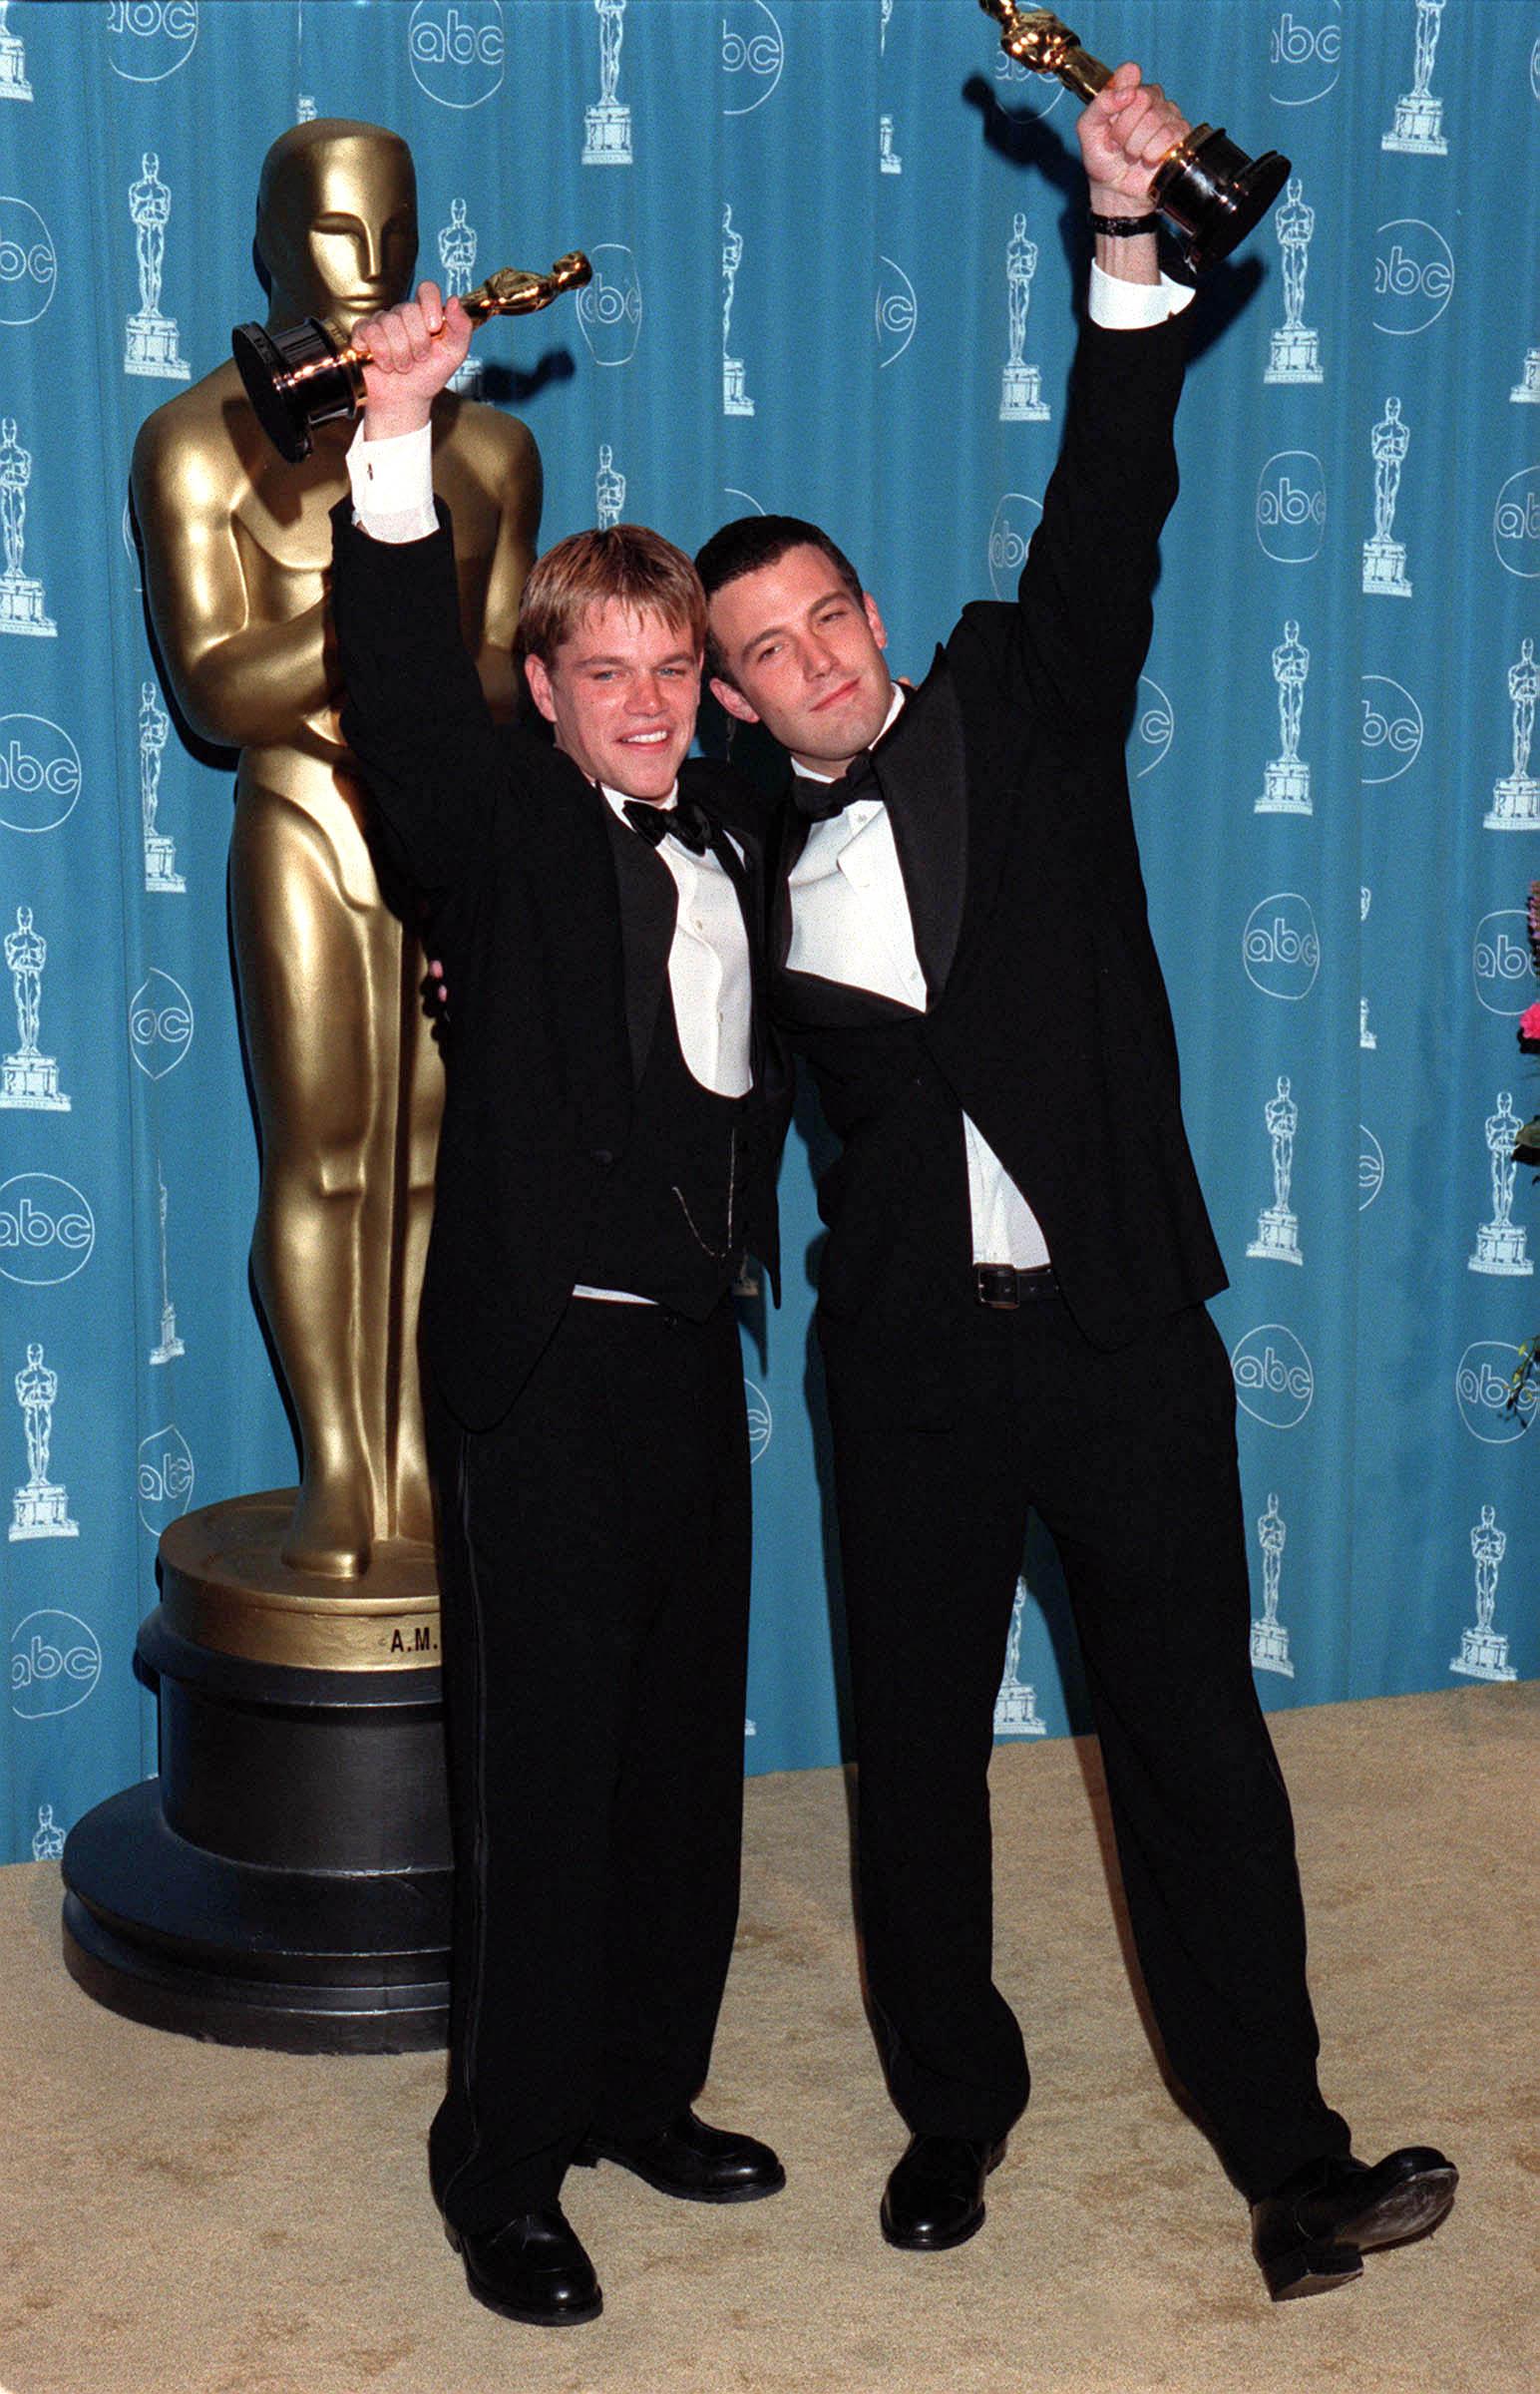 Matt Damon and Ben Affleck win for Best Original Screenplay